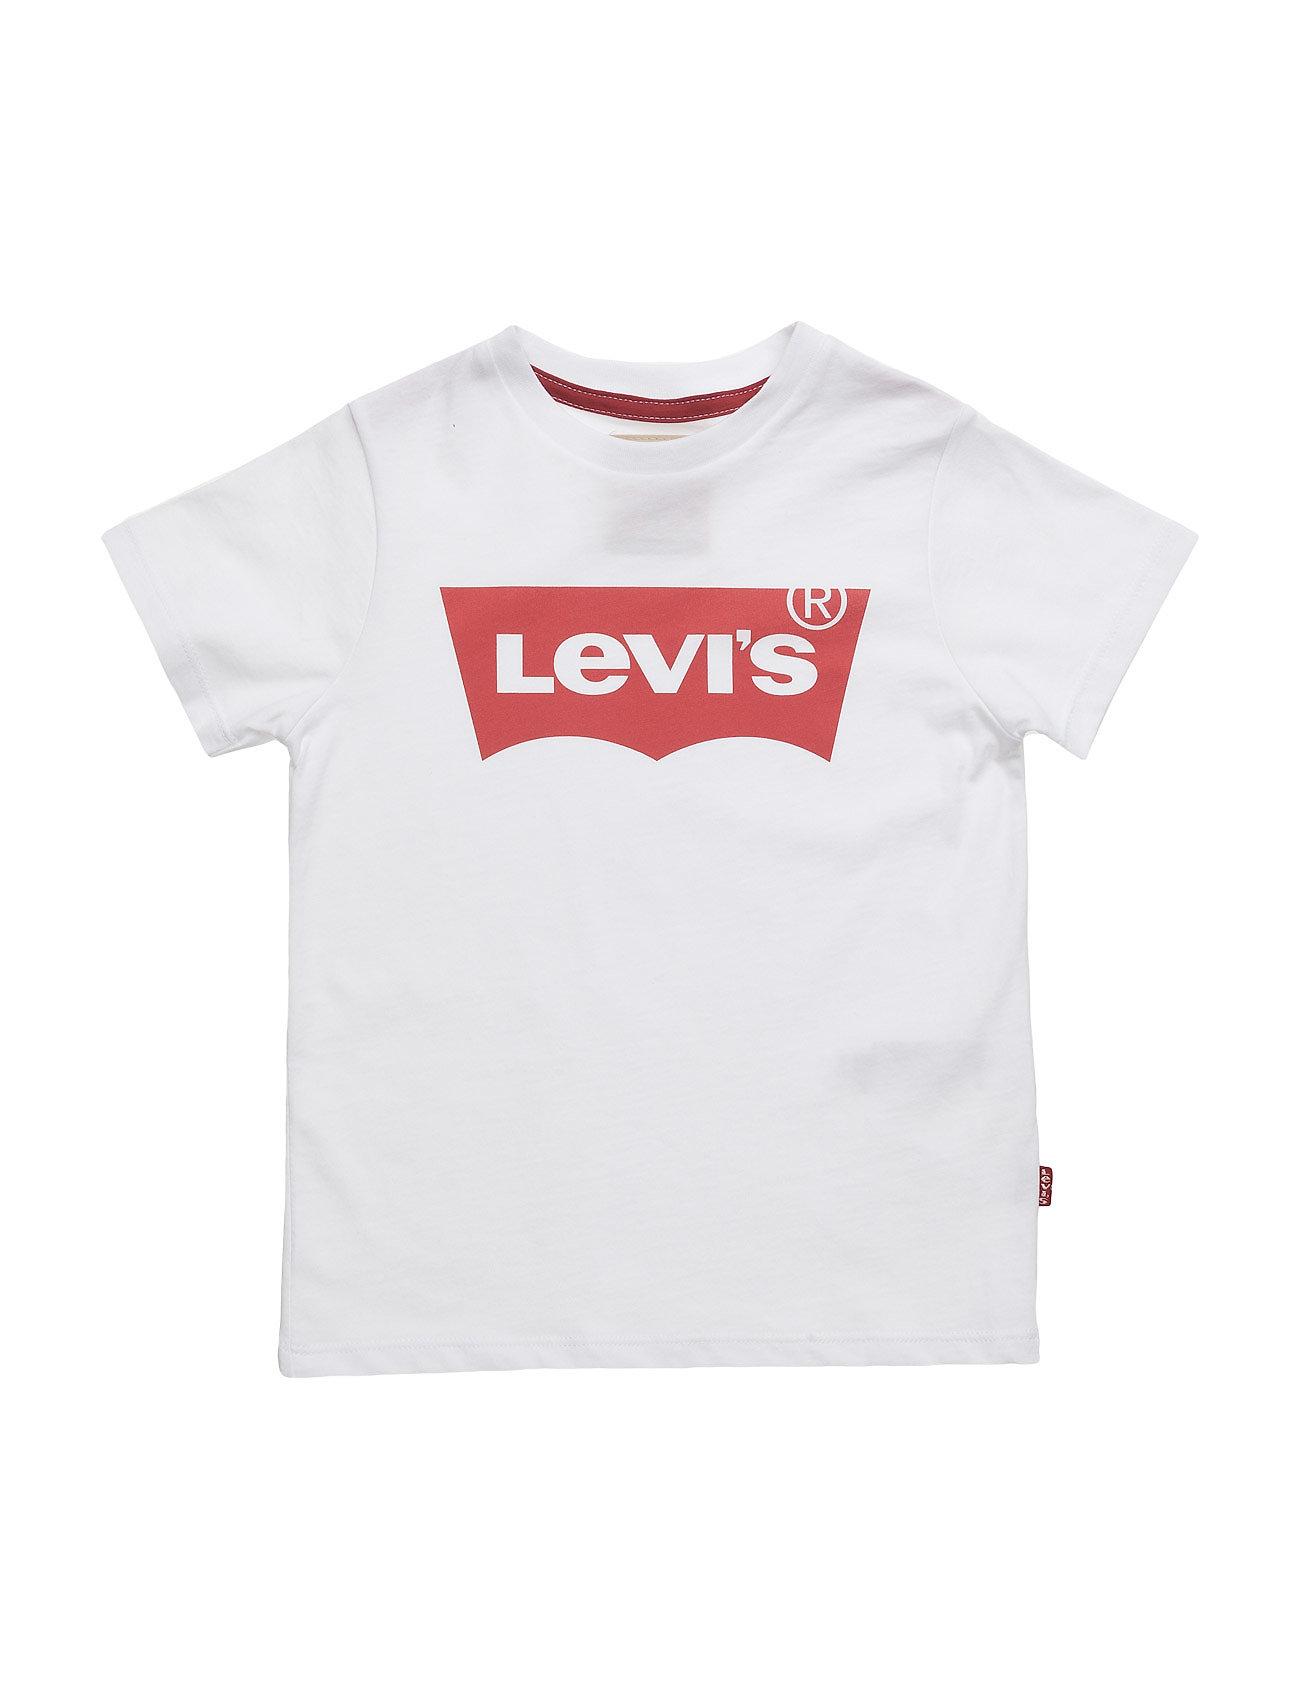 Levi's SS-TEE NOS - WHITE